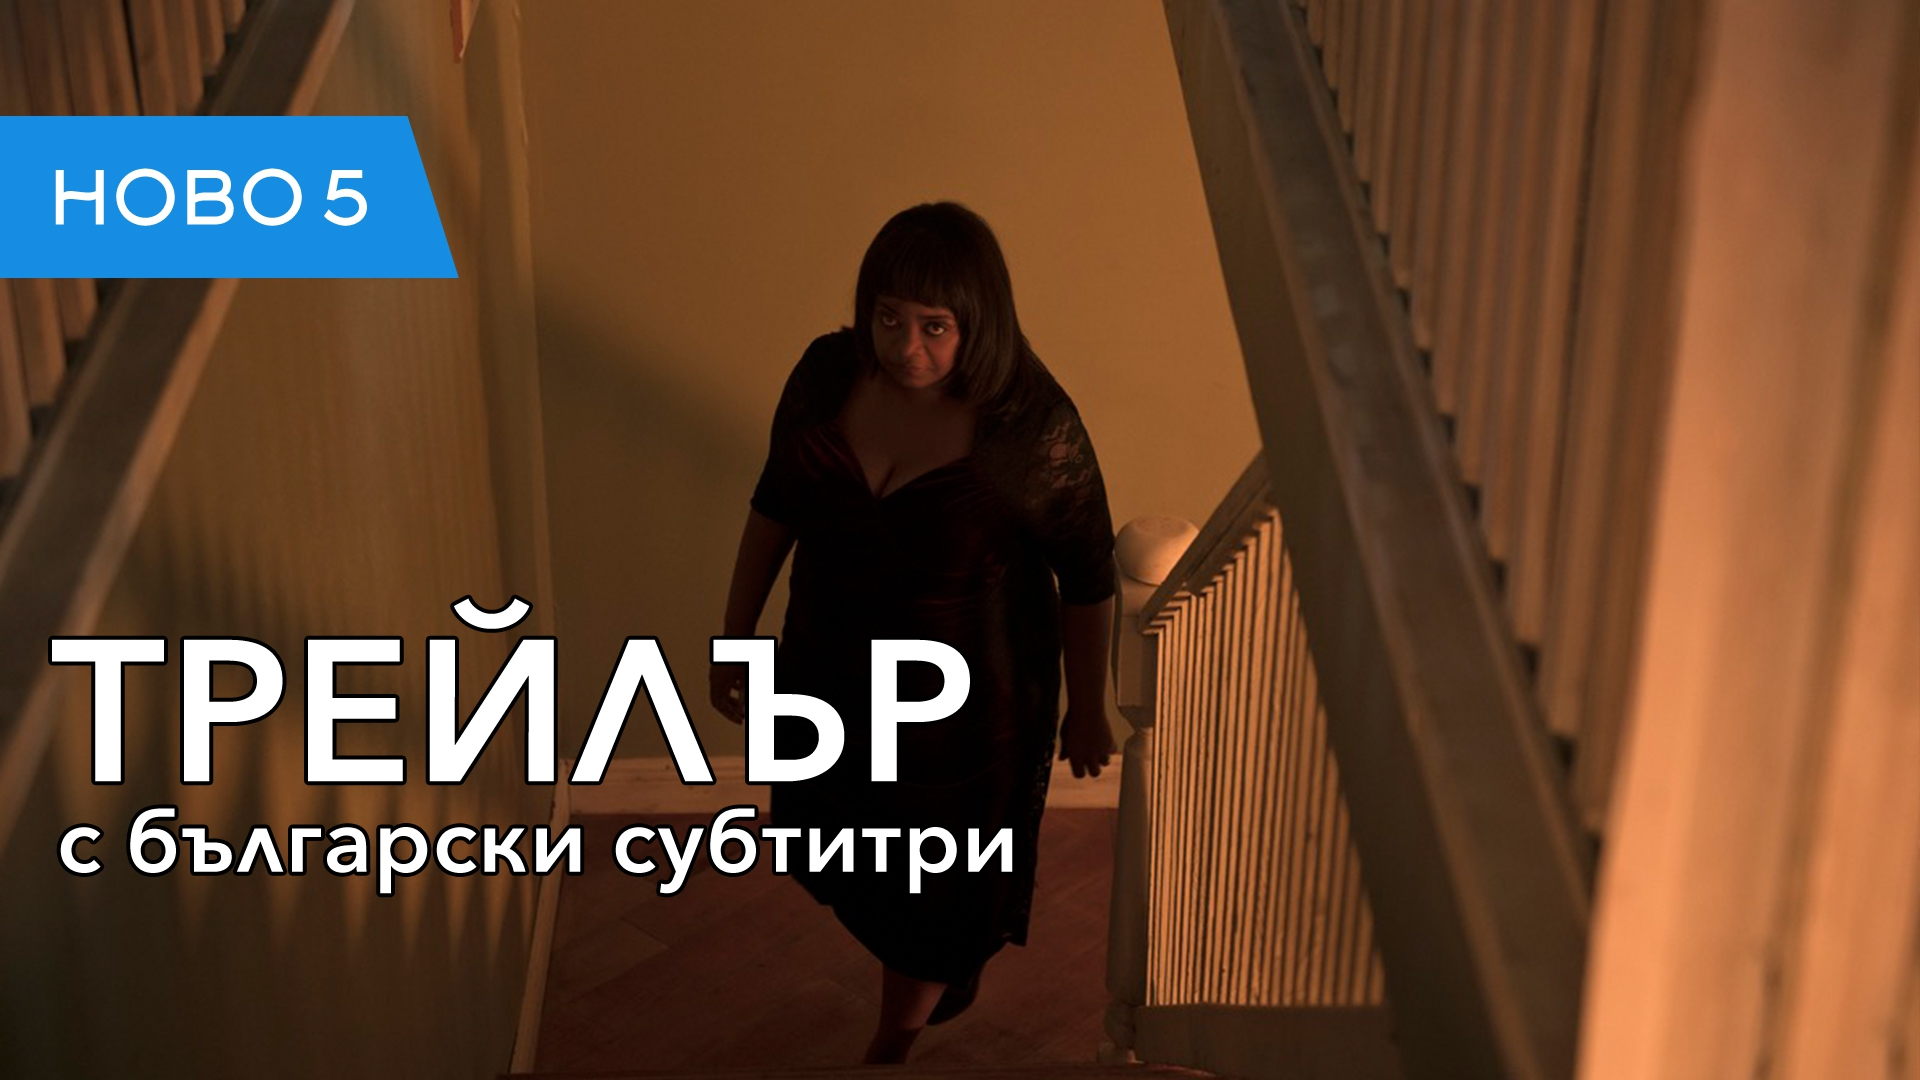 Мамчето (2019) трейлър с български субтитри.mp4